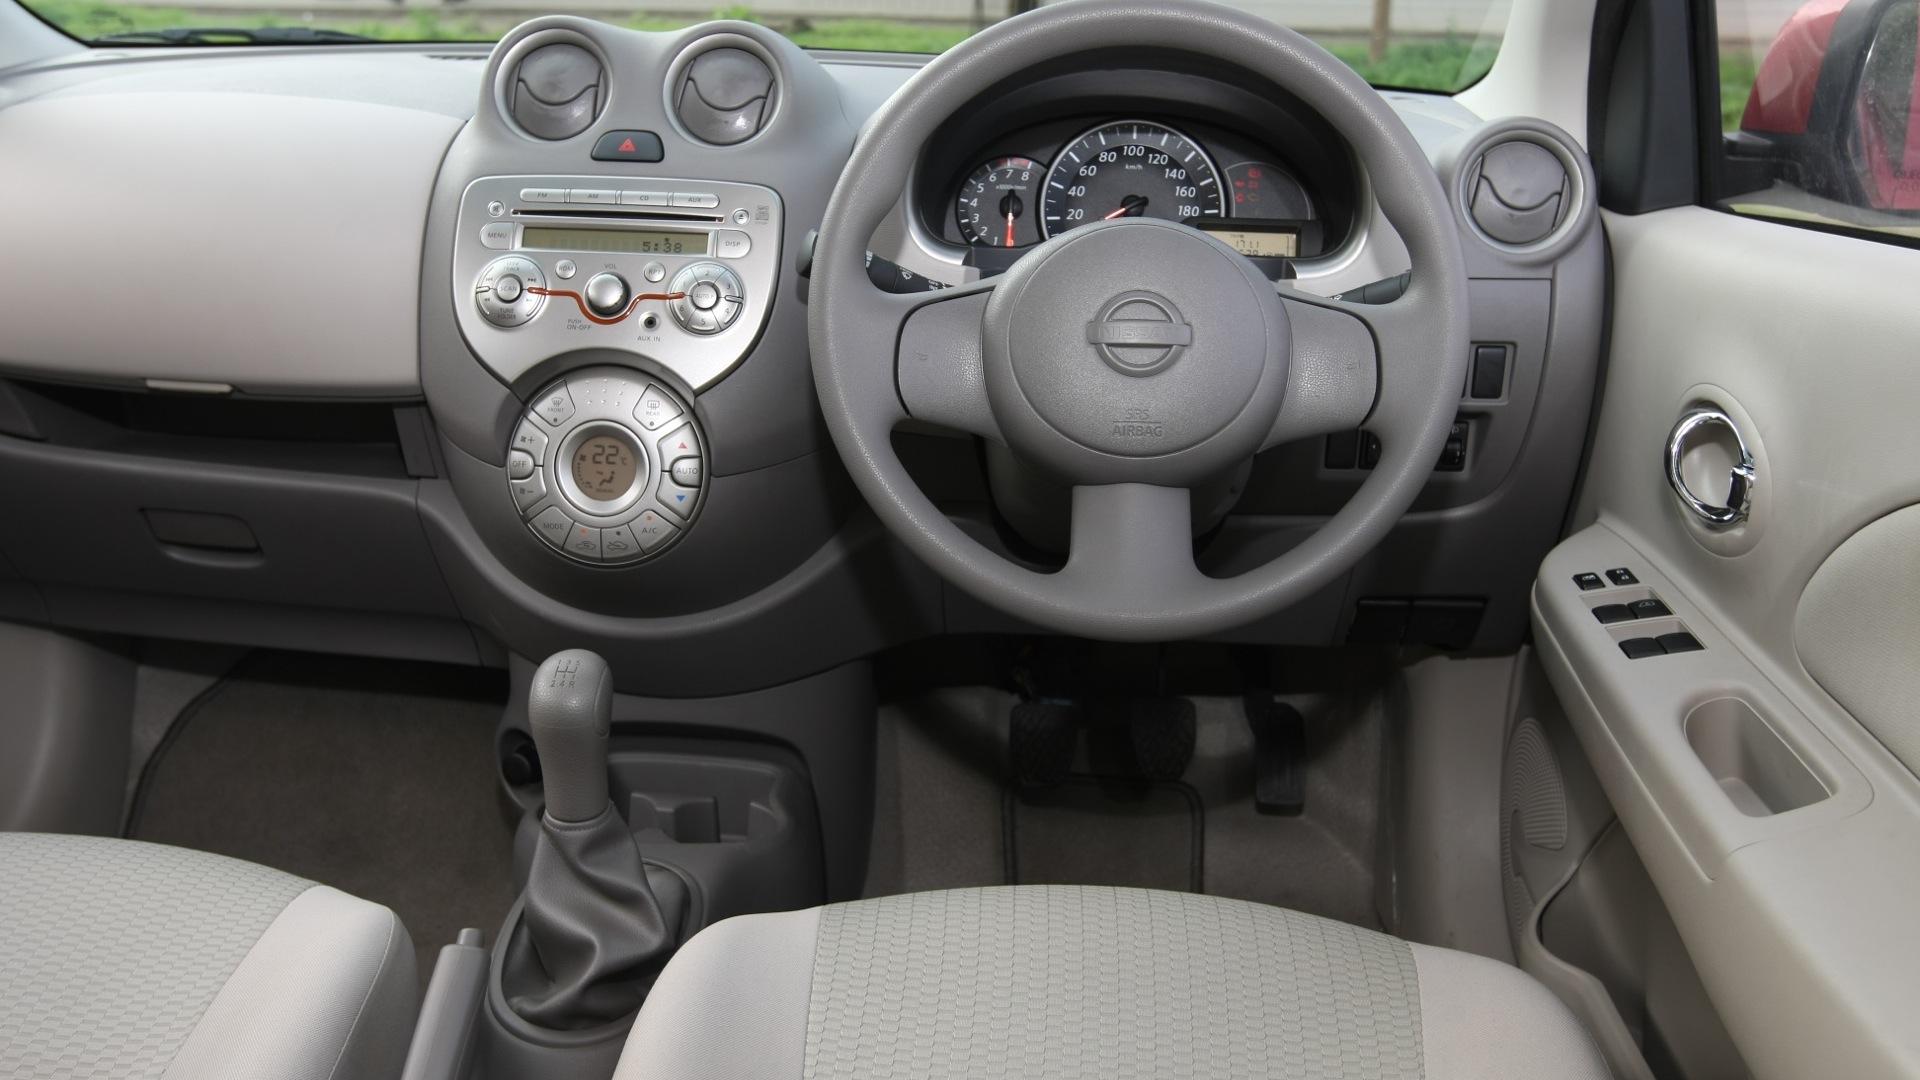 Nissan-Micra-2013-XE-Interior Car Photos - Overdrive